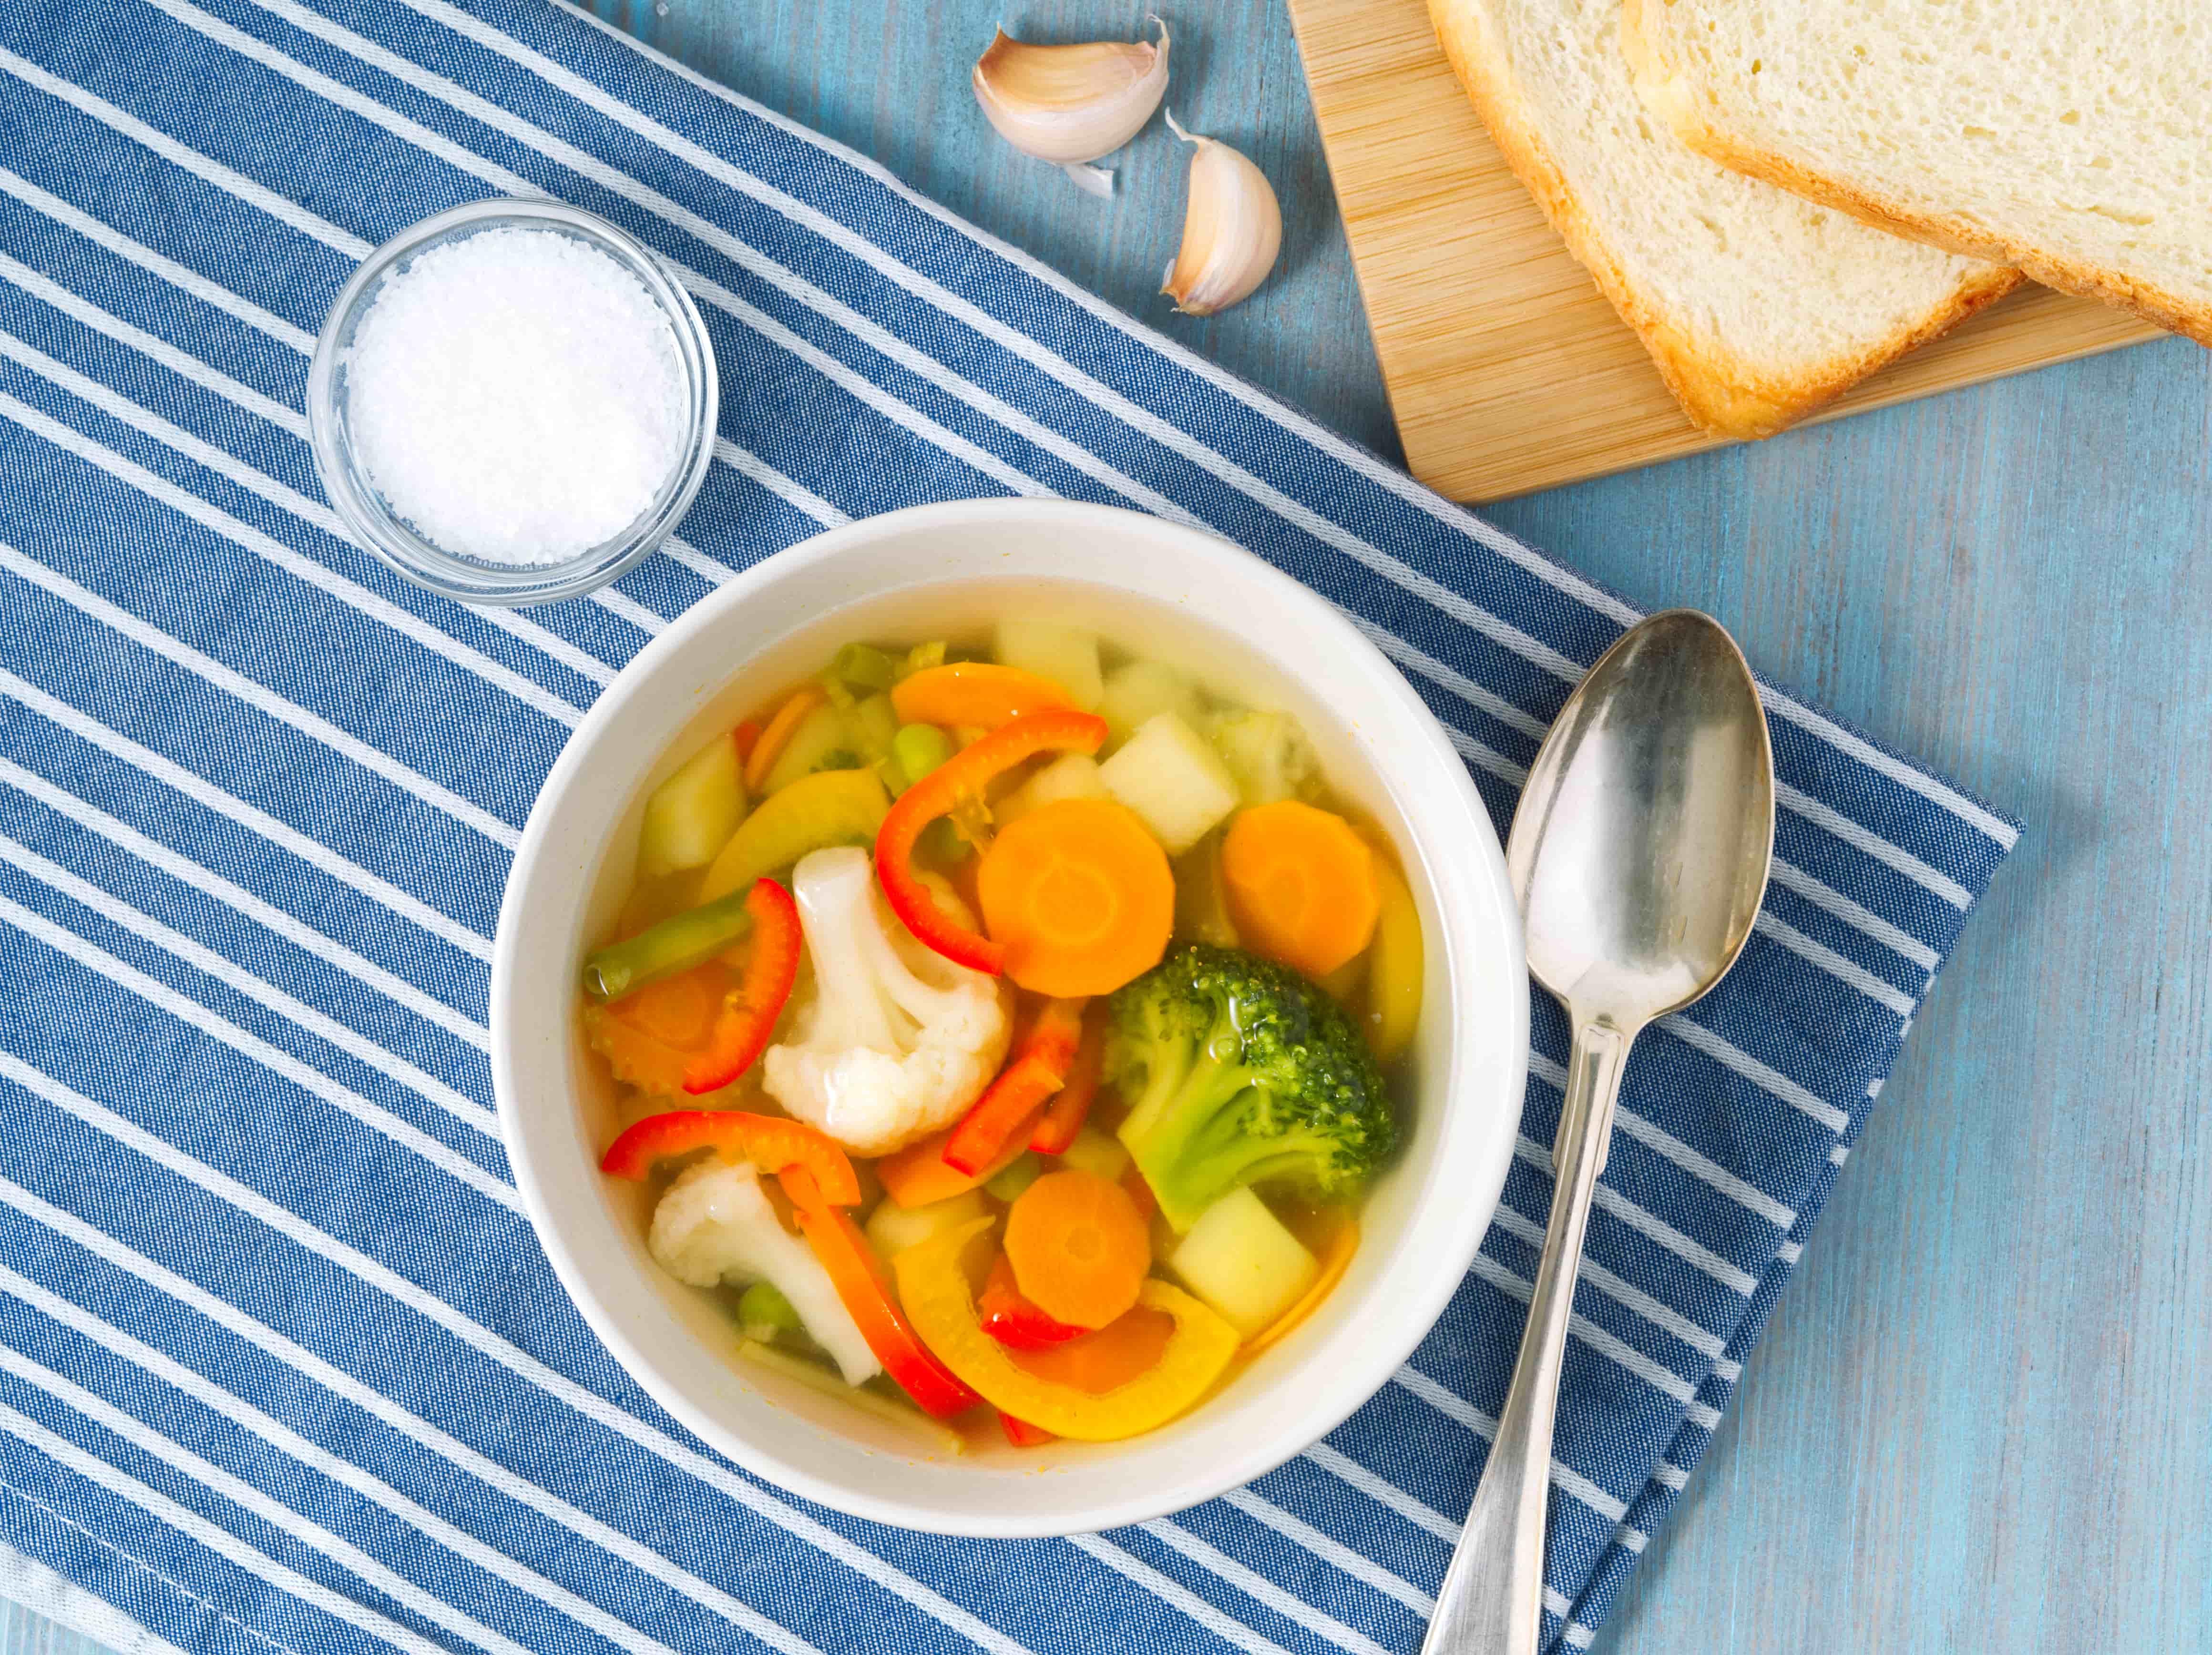 Диетический суп из цветной капусты - рецепт с пошаговым приготовлением и фото